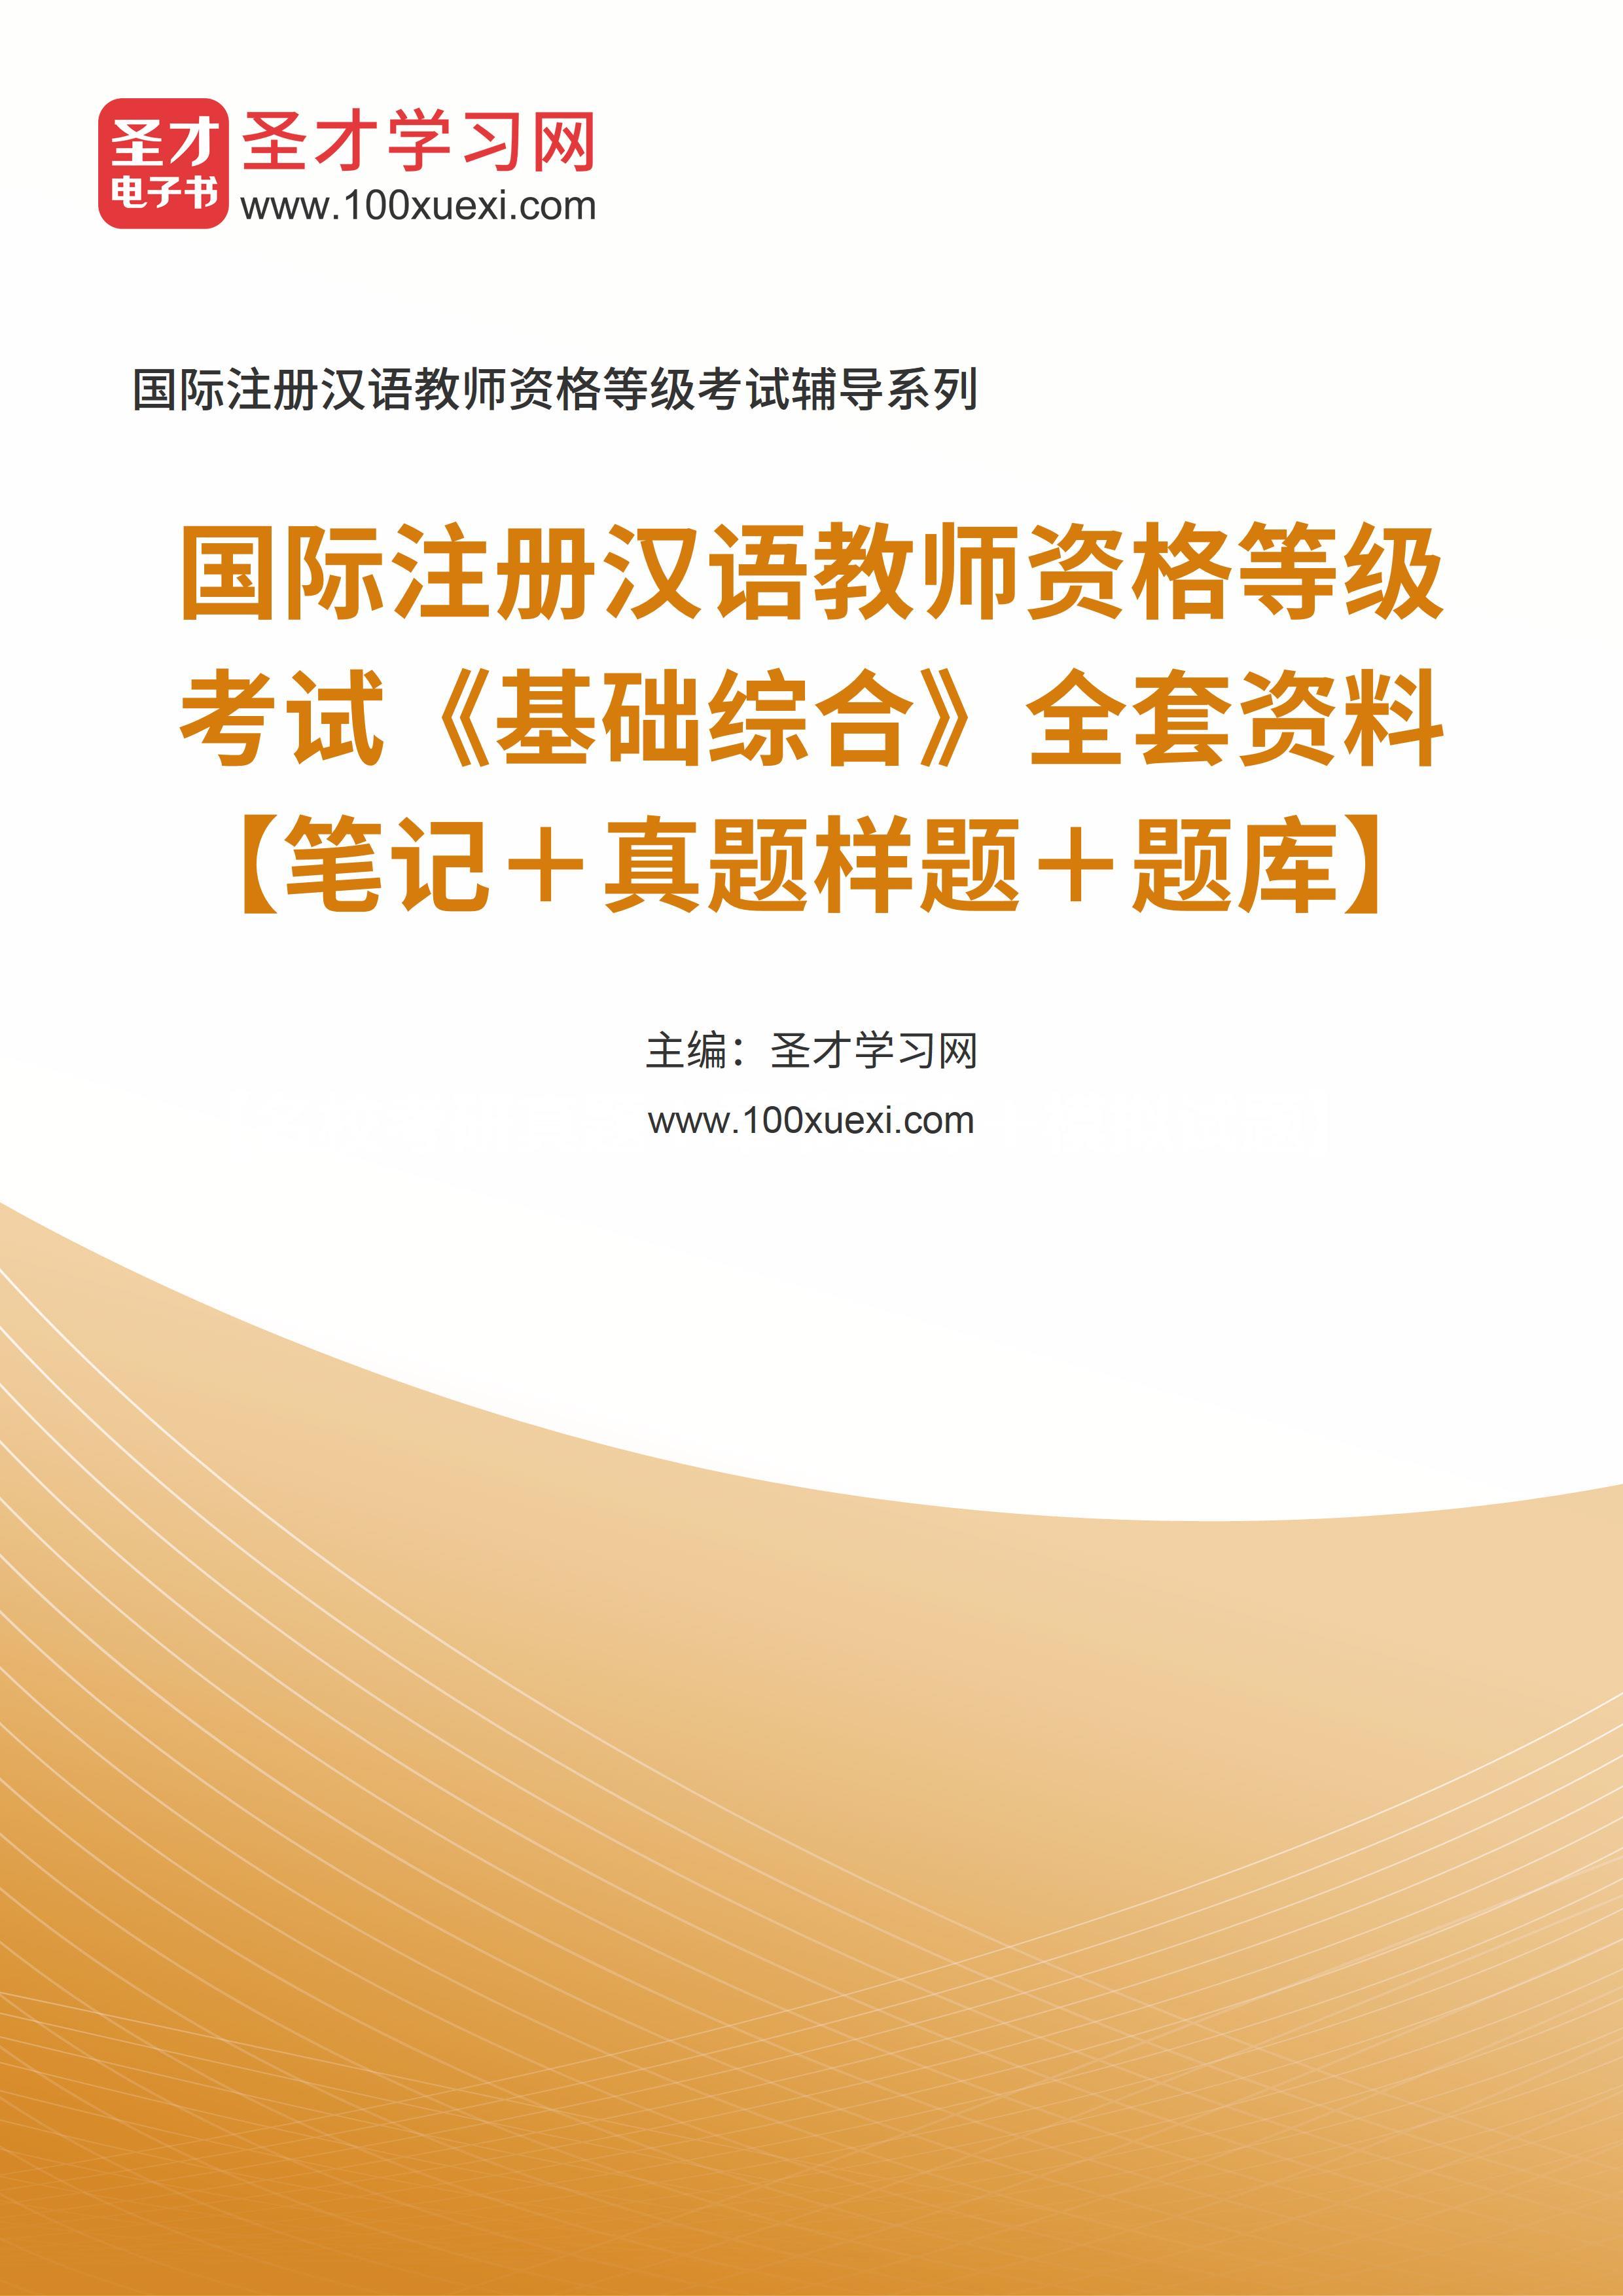 2021年国际注册汉语教师资格等级考试《基础综合》全套资料【笔记+真题样题+题库】